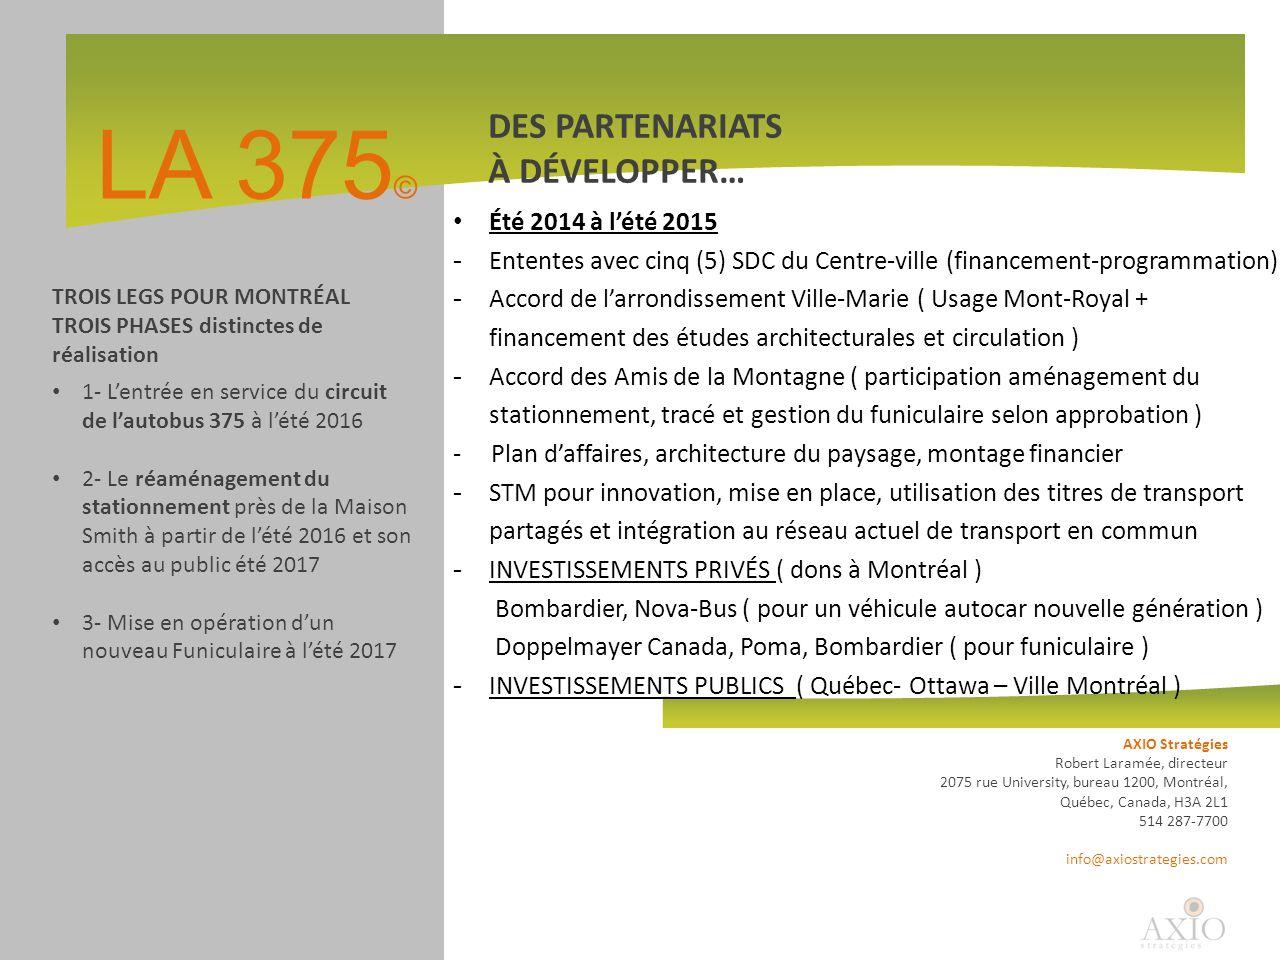 LA 375 © DES PARTENARIATS À DÉVELOPPER… AXIO Stratégies Robert Laramée, directeur 2075 rue University, bureau 1200, Montréal, Québec, Canada, H3A 2L1 514 287-7700 info@axiostrategies.com TROIS LEGS POUR MONTRÉAL TROIS PHASES distinctes de réalisation 1- L'entrée en service du circuit de l'autobus 375 à l'été 2016 2- Le réaménagement du stationnement près de la Maison Smith à partir de l'été 2016 et son accès au public été 2017 3- Mise en opération d'un nouveau Funiculaire à l'été 2017 Été 2014 à l'été 2015 - Ententes avec cinq (5) SDC du Centre-ville (financement-programmation) - Accord de l'arrondissement Ville-Marie ( Usage Mont-Royal + financement des études architecturales et circulation ) - Accord des Amis de la Montagne ( participation aménagement du stationnement, tracé et gestion du funiculaire selon approbation ) - Plan d'affaires, architecture du paysage, montage financier - STM pour innovation, mise en place, utilisation des titres de transport partagés et intégration au réseau actuel de transport en commun - INVESTISSEMENTS PRIVÉS ( dons à Montréal ) Bombardier, Nova-Bus ( pour un véhicule autocar nouvelle génération ) Doppelmayer Canada, Poma, Bombardier ( pour funiculaire ) - INVESTISSEMENTS PUBLICS ( Québec- Ottawa – Ville Montréal )